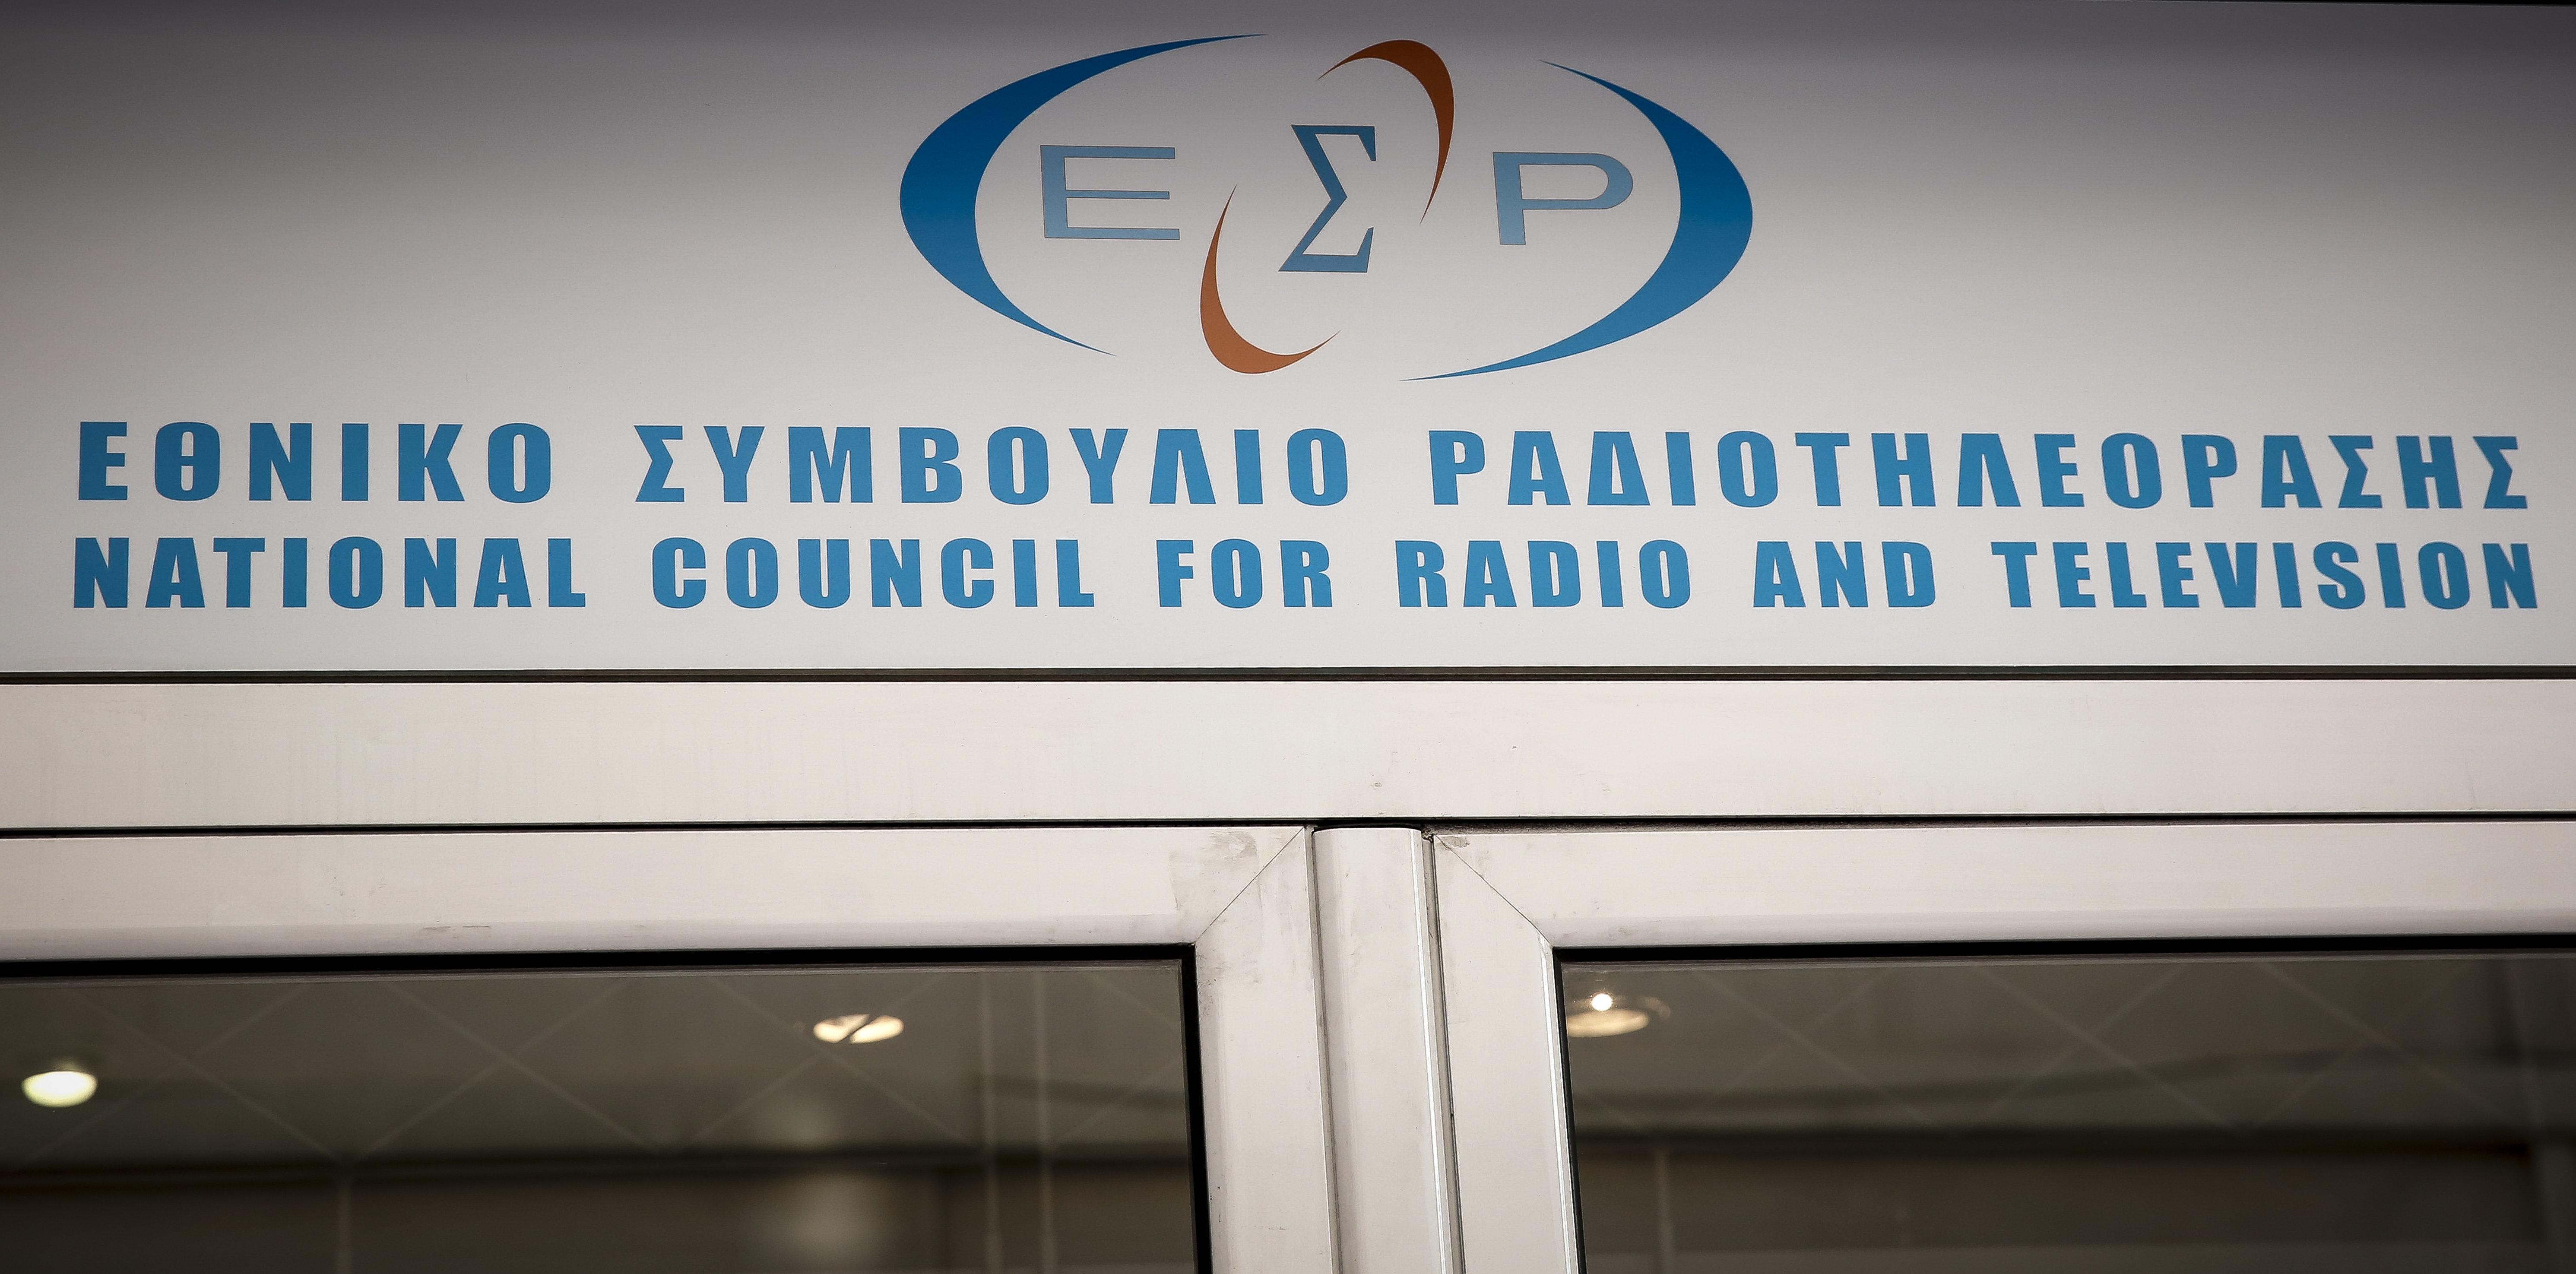 ΕΣΡ: Αποφάσισε την αναστολή προγράμματος του τηλεοπτικού σταθμού